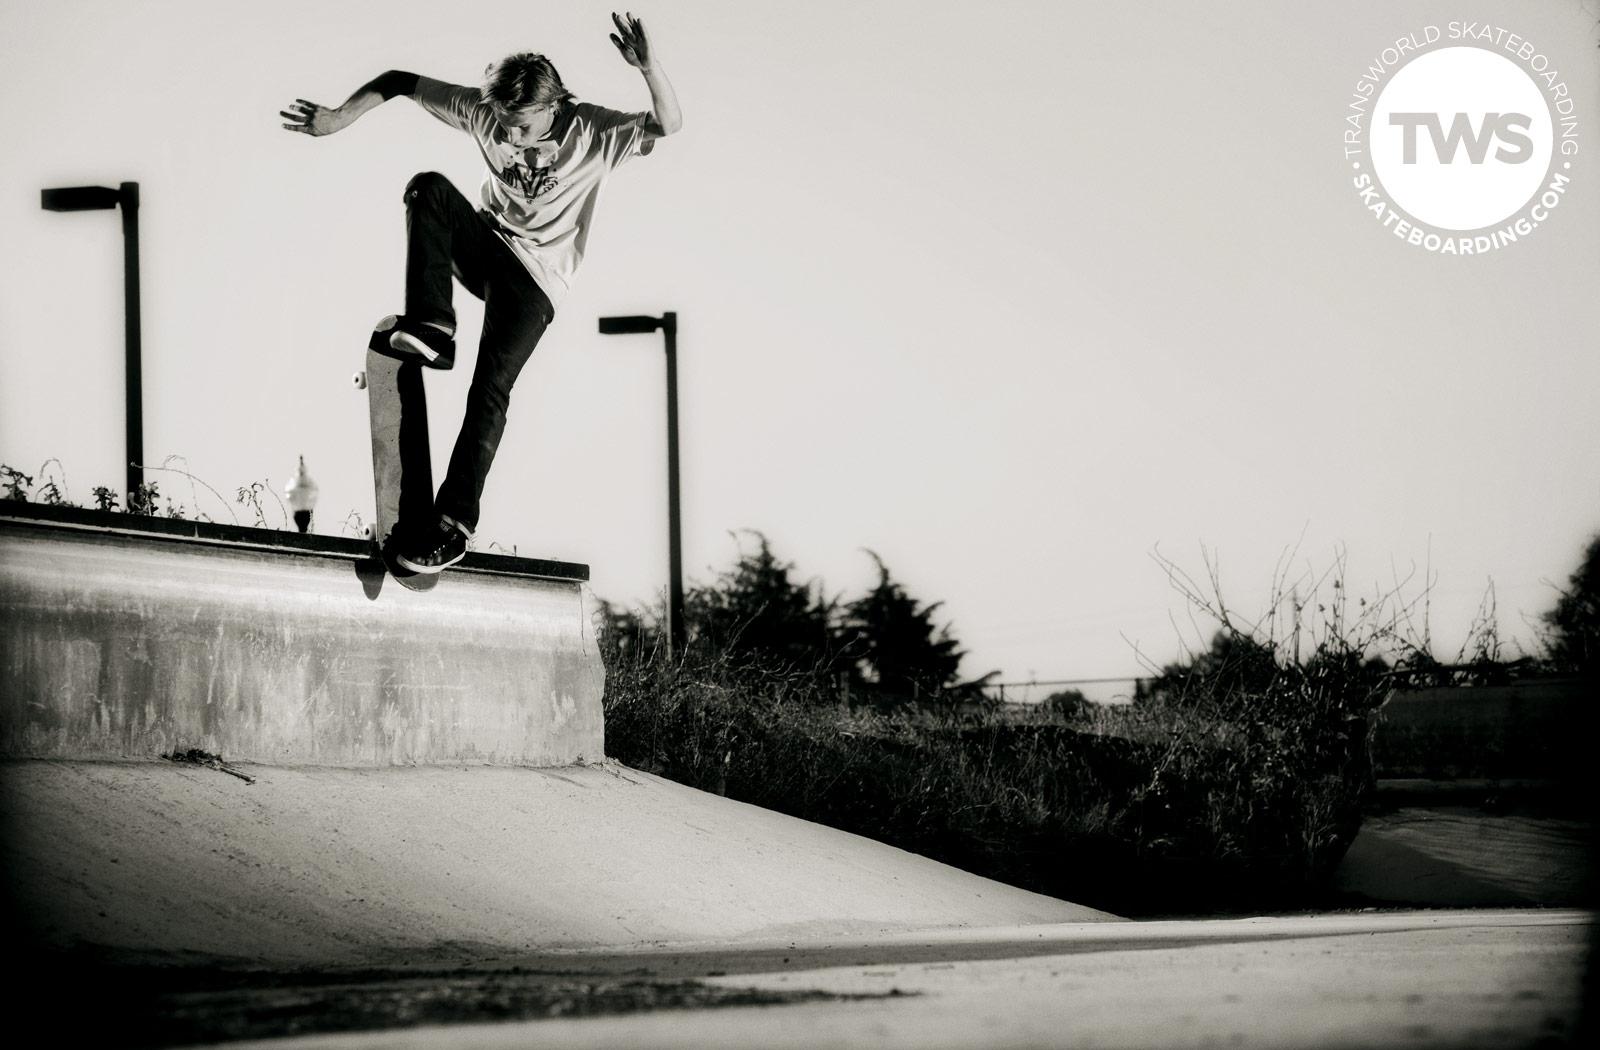 Skateboarding Wallpaper HD wallpapers   Enjoy Skateboarding Wallpaper 1600x1050